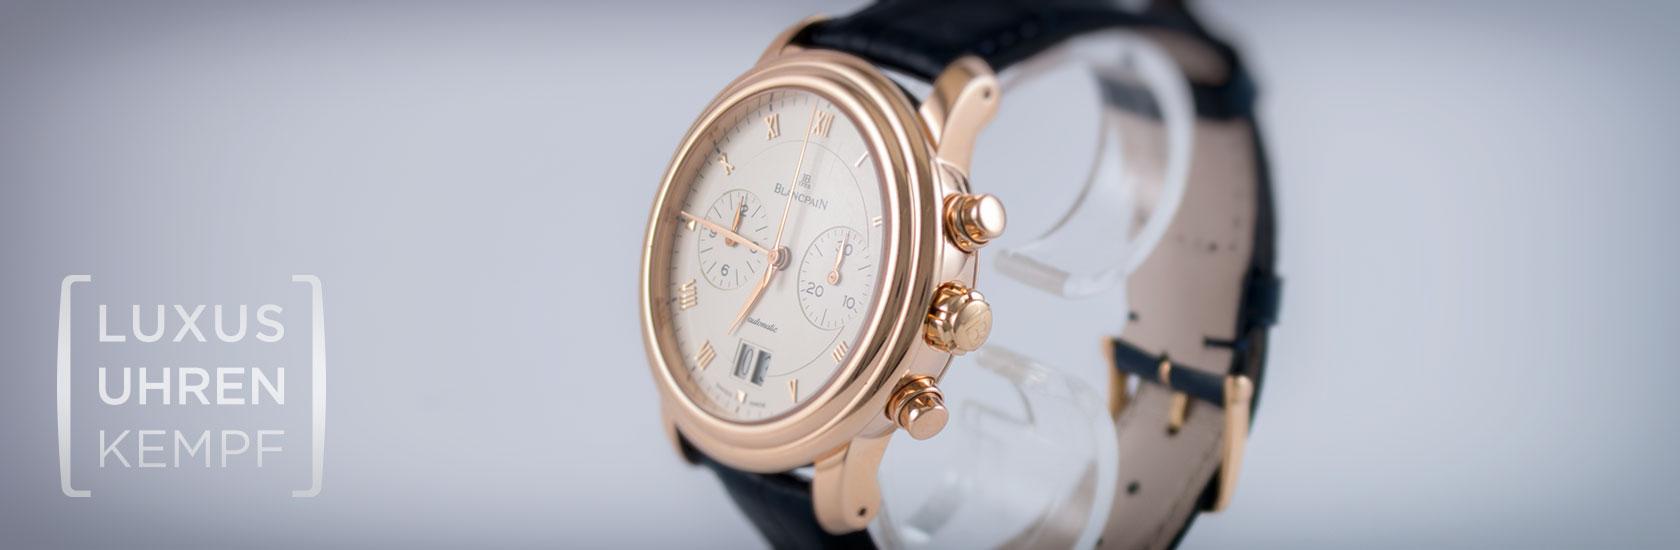 Luxusuhren Kempf - Ankauf von gebrauchten Blancpain Uhren